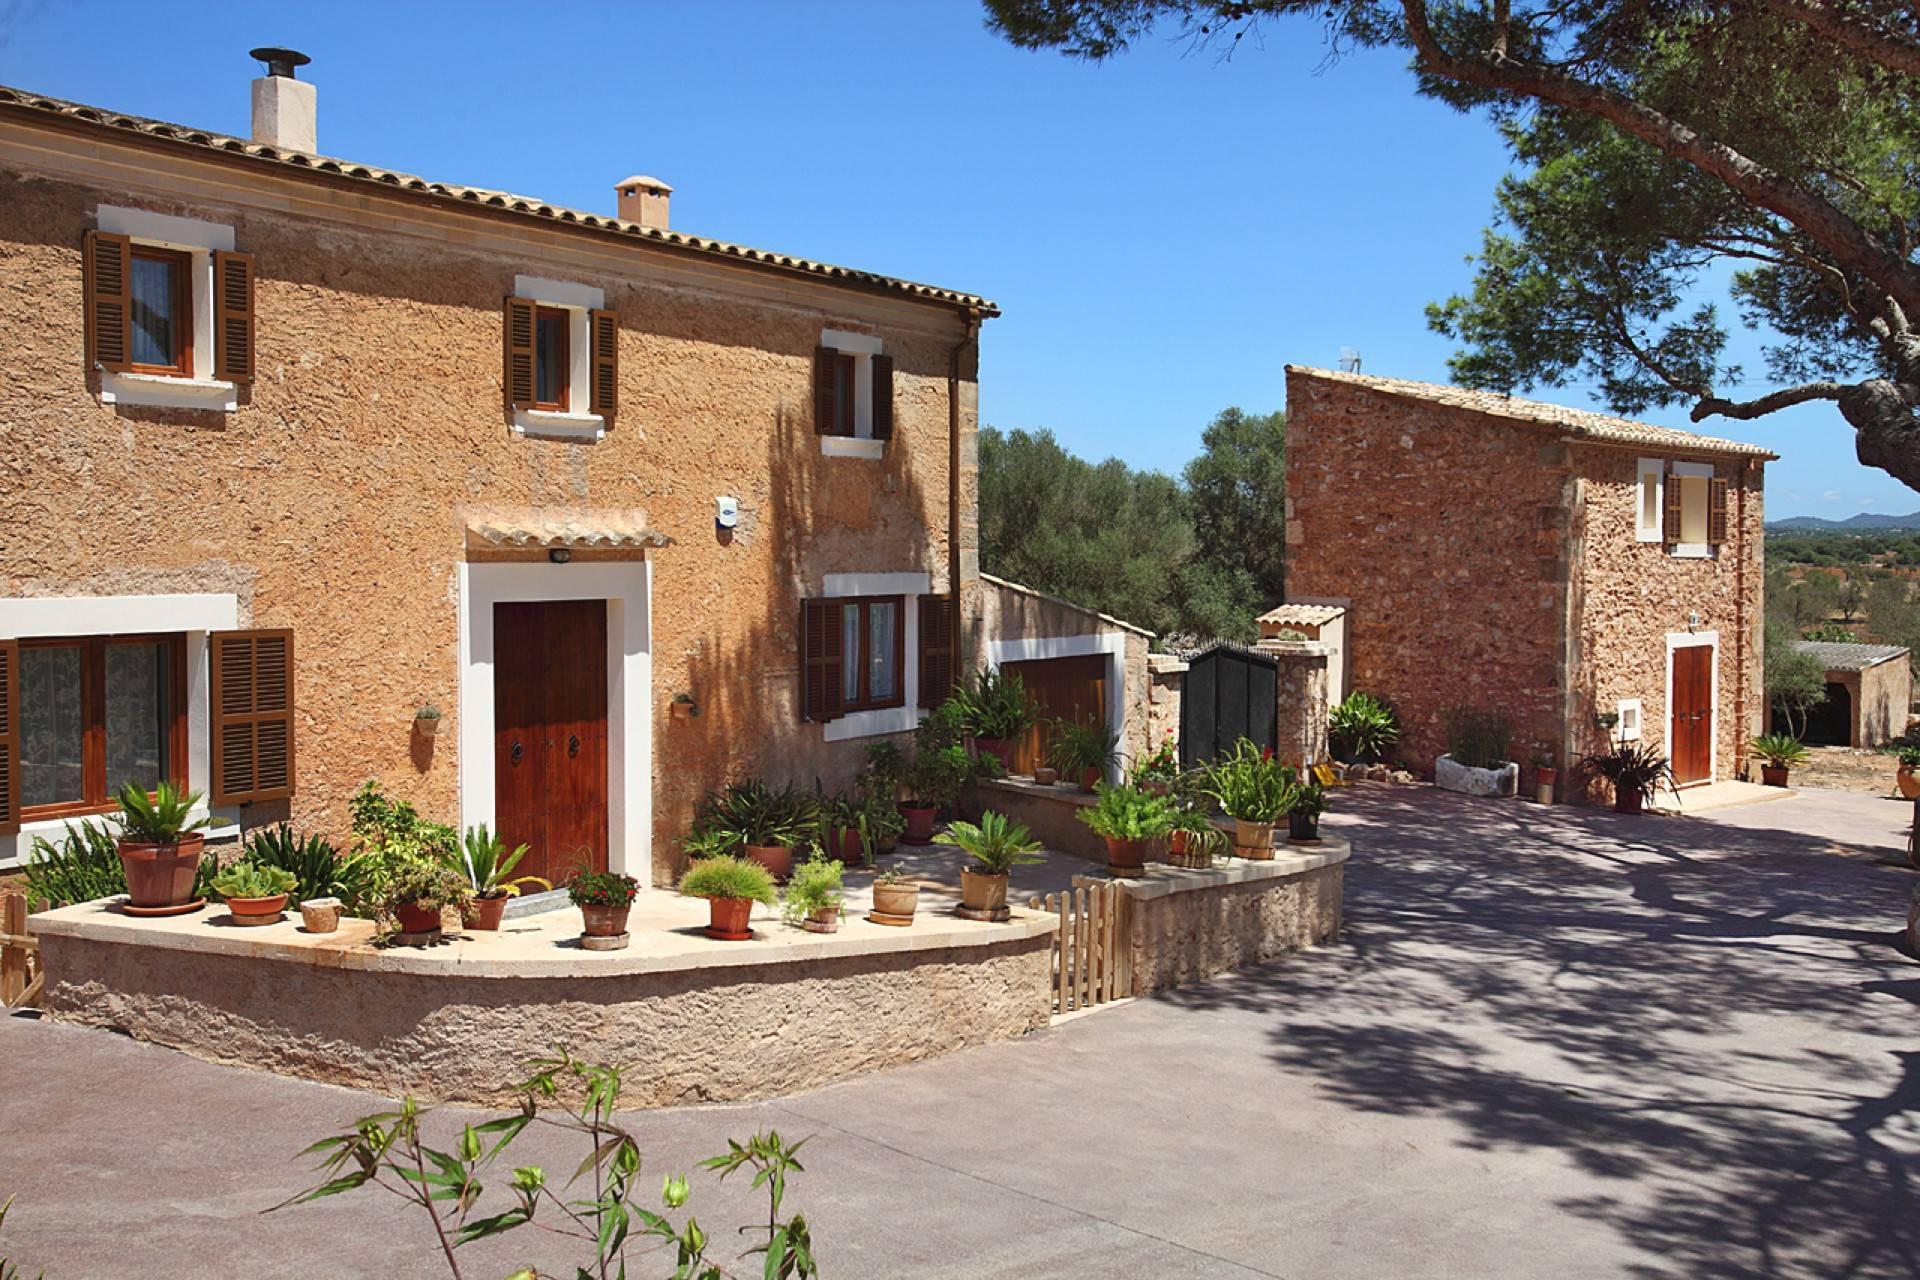 01-142 Rustikales Bauernhaus Mallorca Osten Bild 8